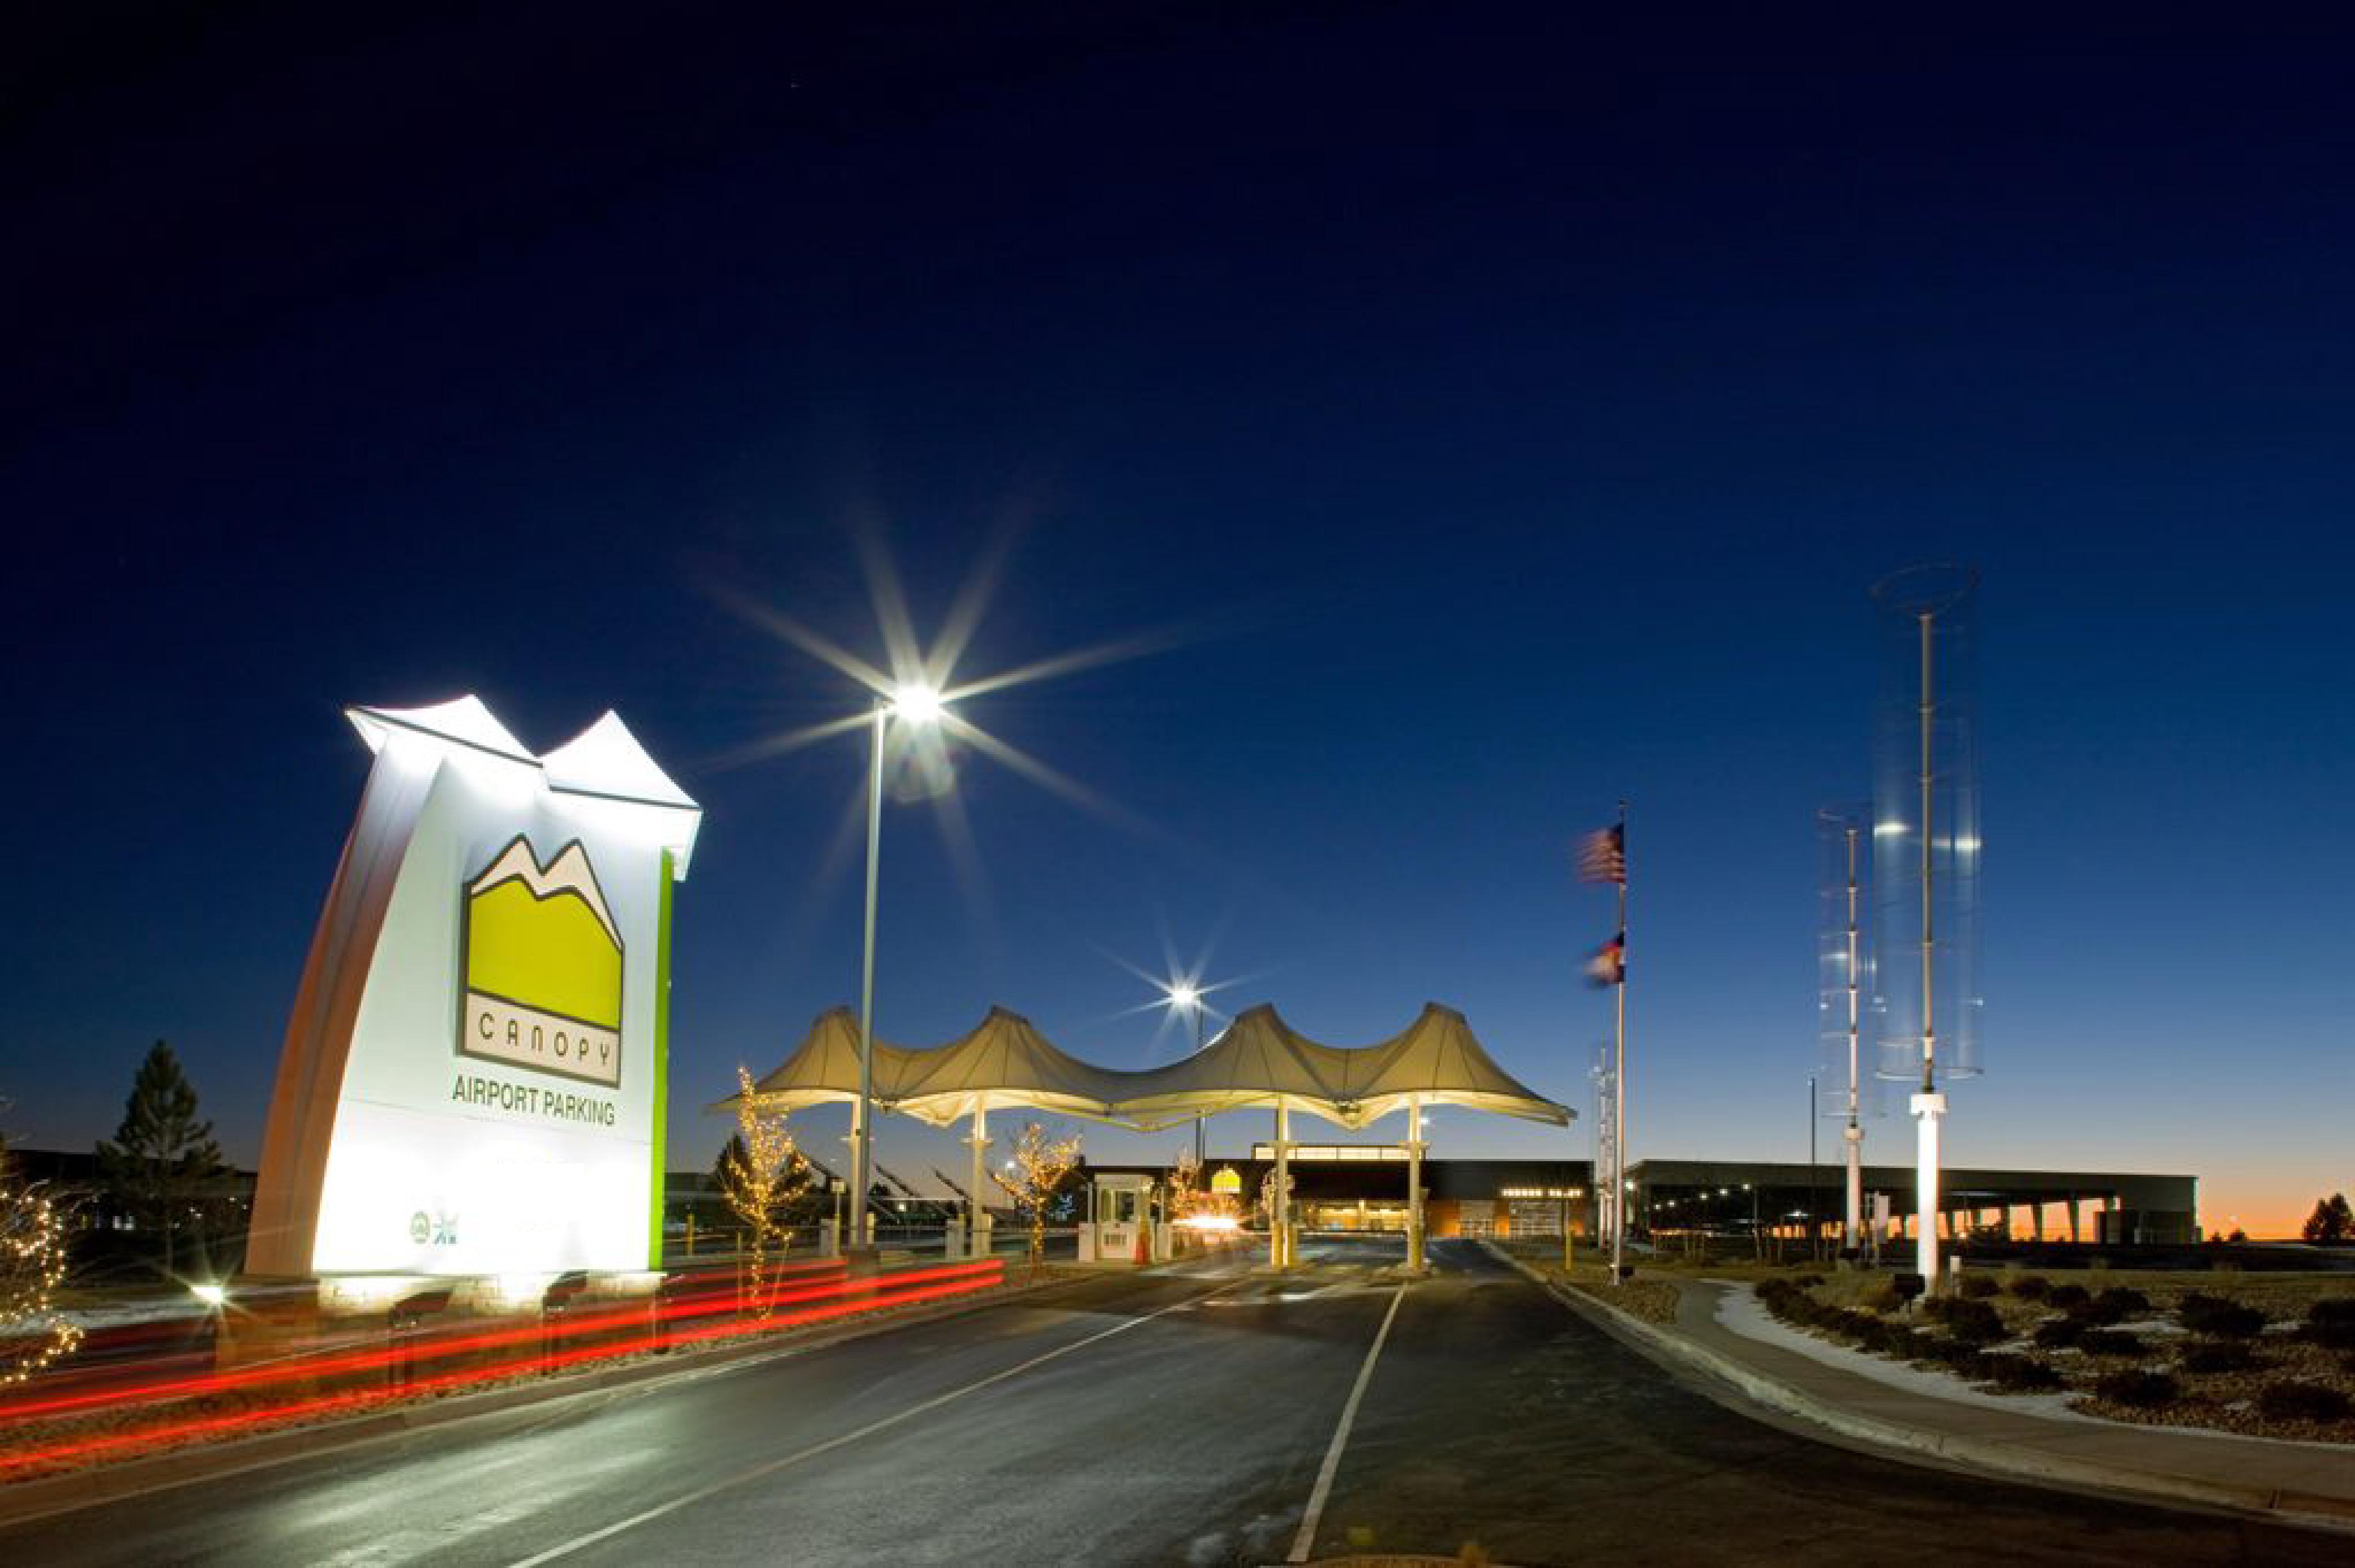 aaaaaaaaaaaaCanopy4. Canopy Airport Parking in Commerce ... & Canopy Airport Parking in Commerce City CO welcomes Denver ...